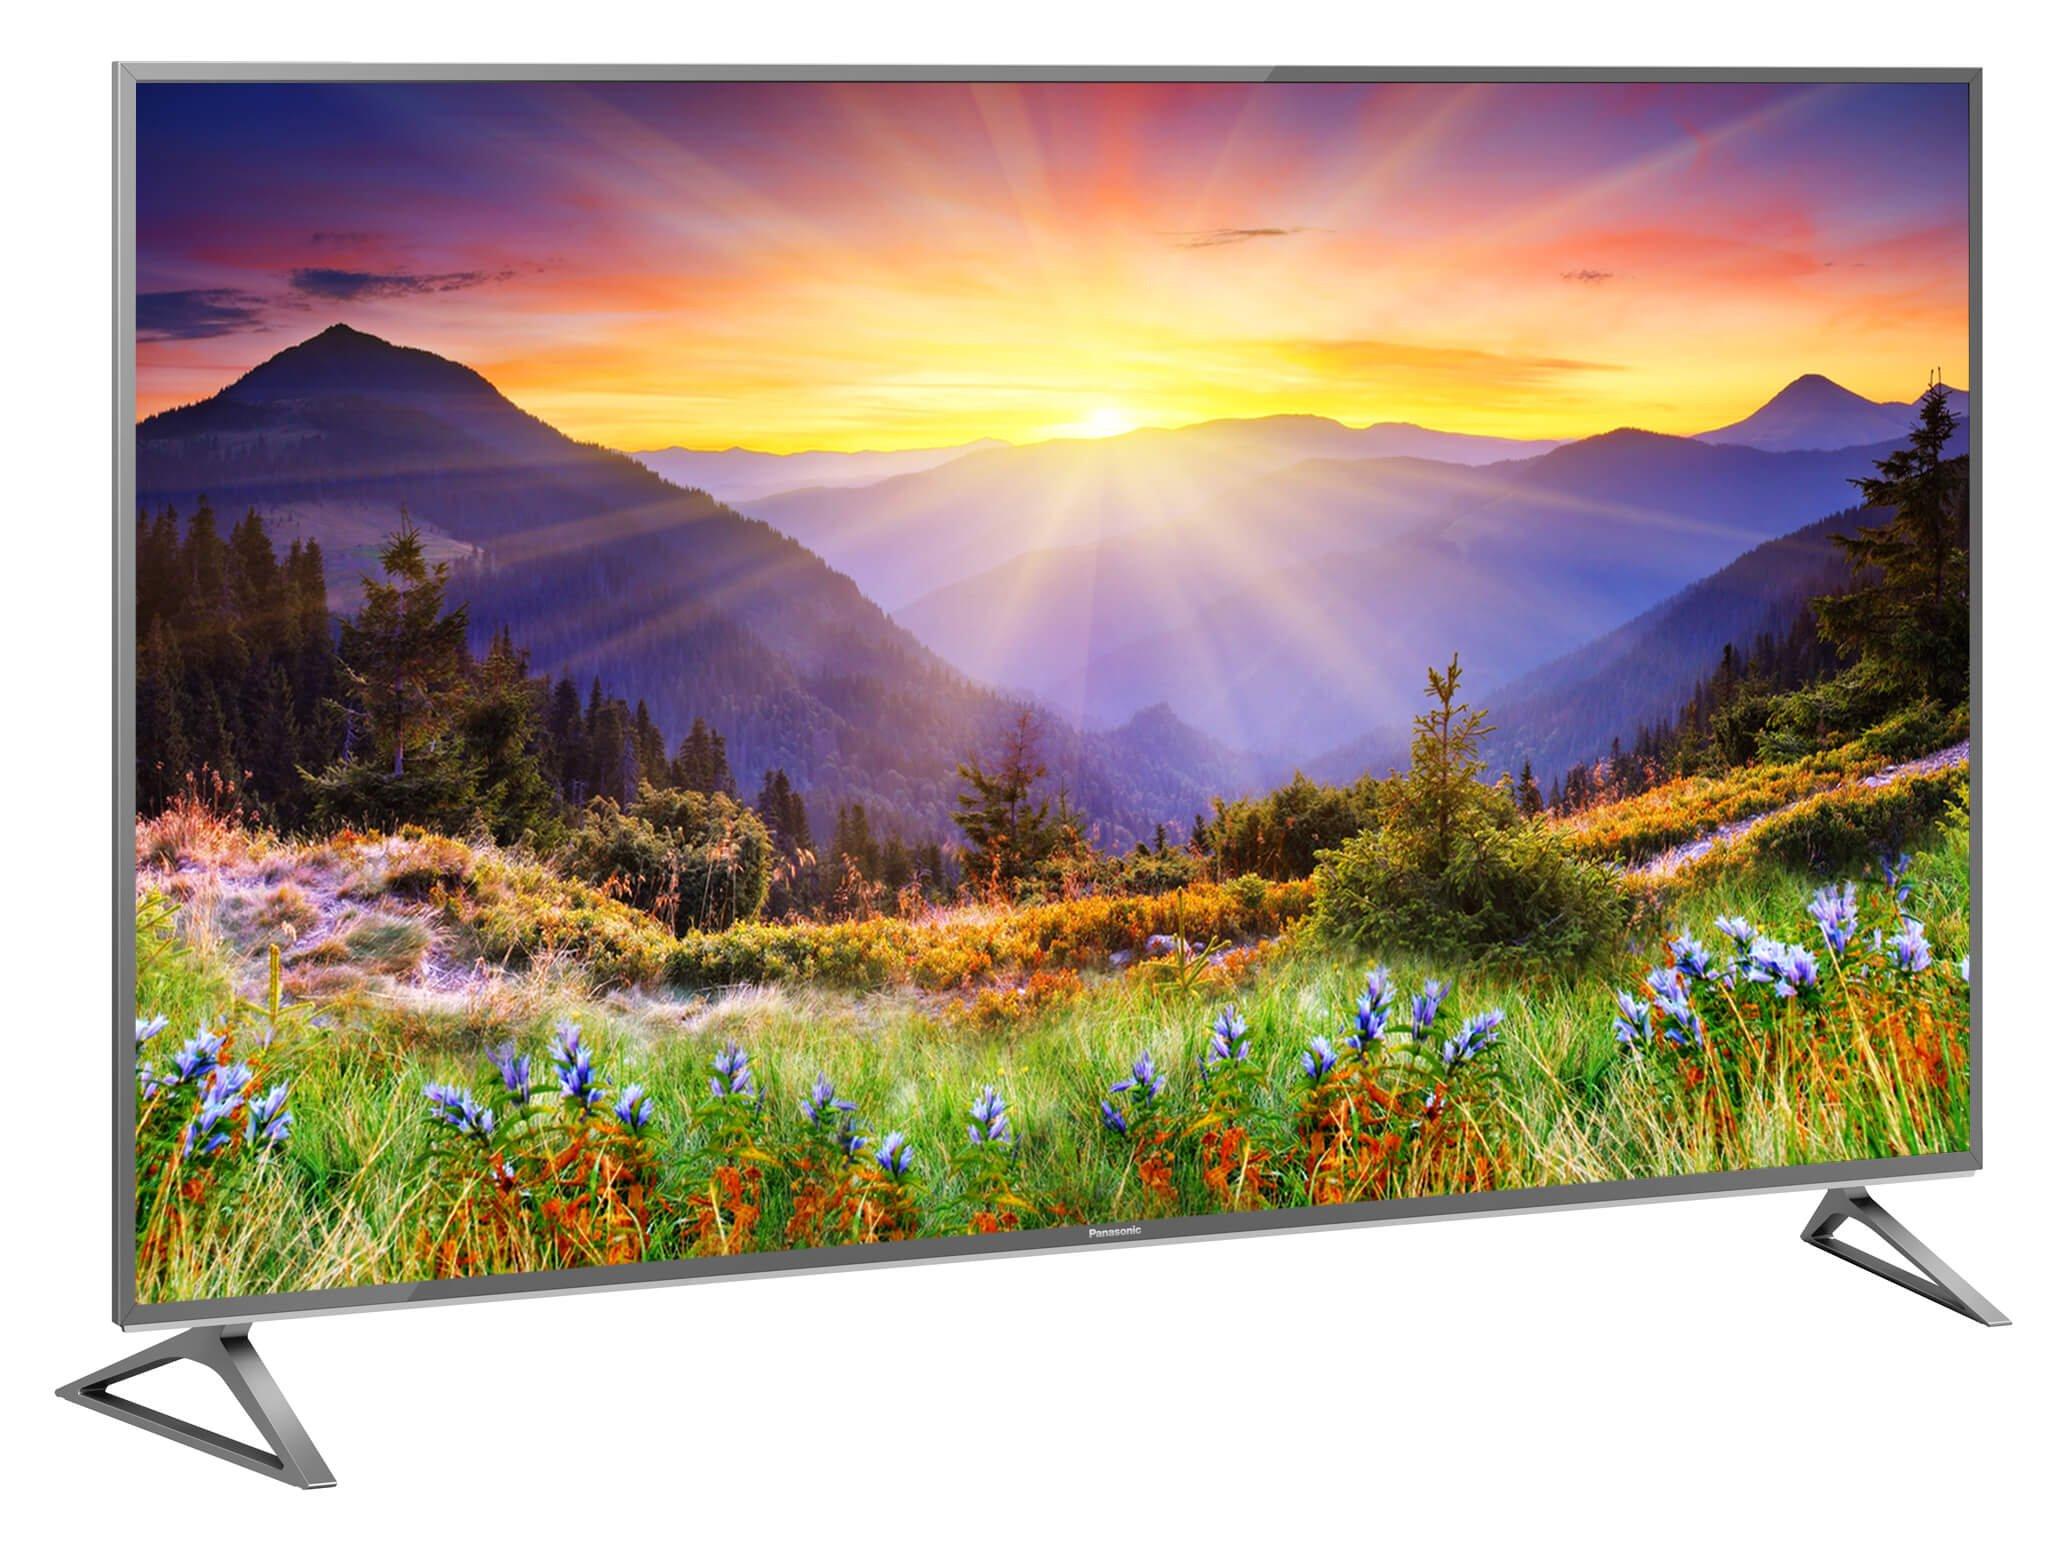 TC 65EX750B 6 - Review: Panasonic Viera EX750B oferece boas imagens e Bluetooth